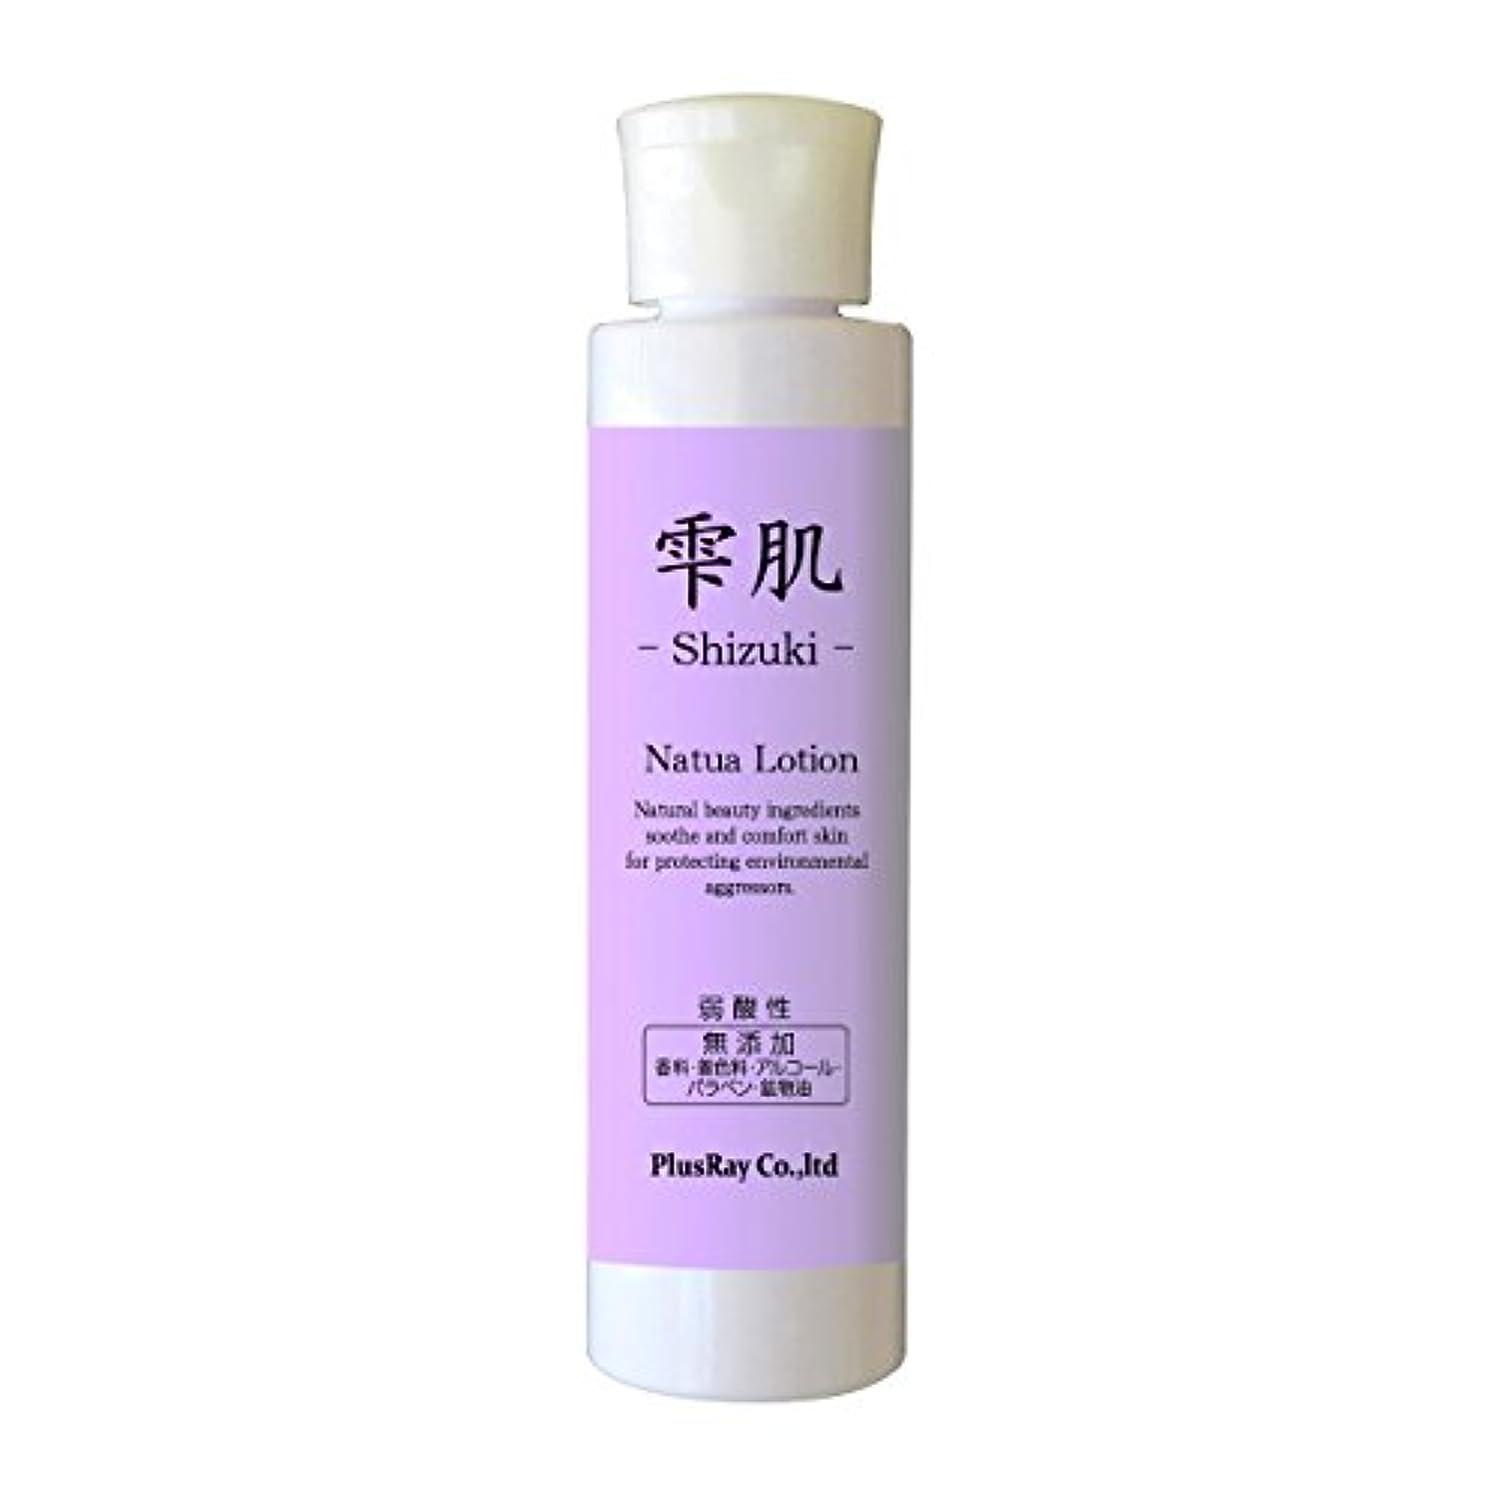 悲しむ銛証明するプラスレイ(PlusRay)化粧品 ナチュアローション 雫肌 しづき アズレン 化粧水